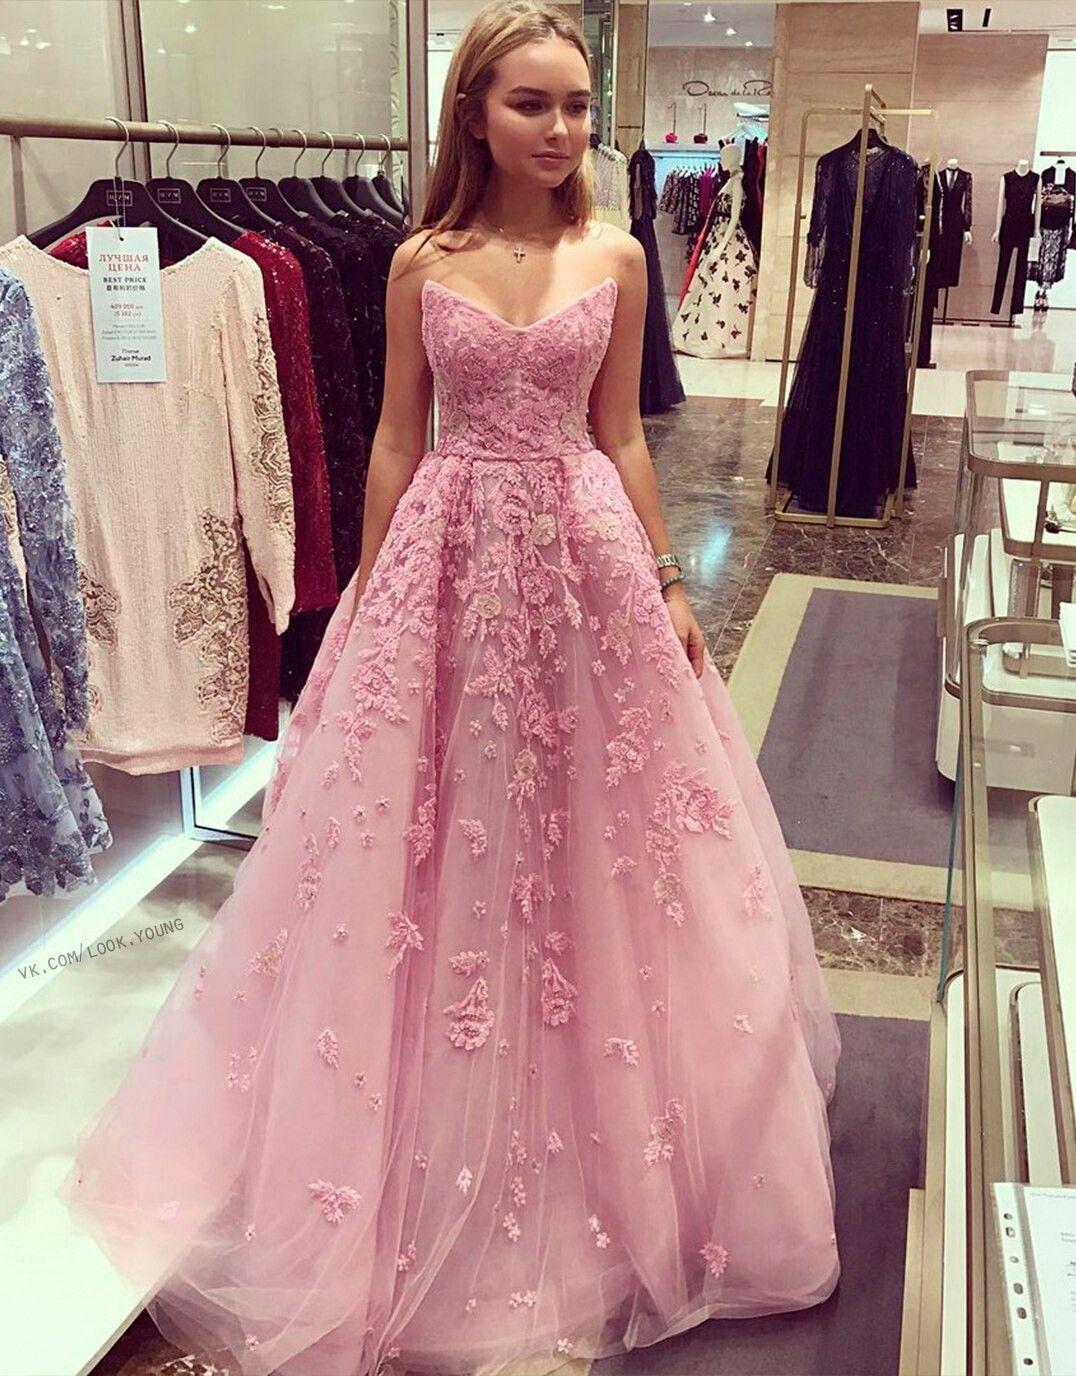 Pin de Isa Ramirez en vestidos | Pinterest | Vestiditos